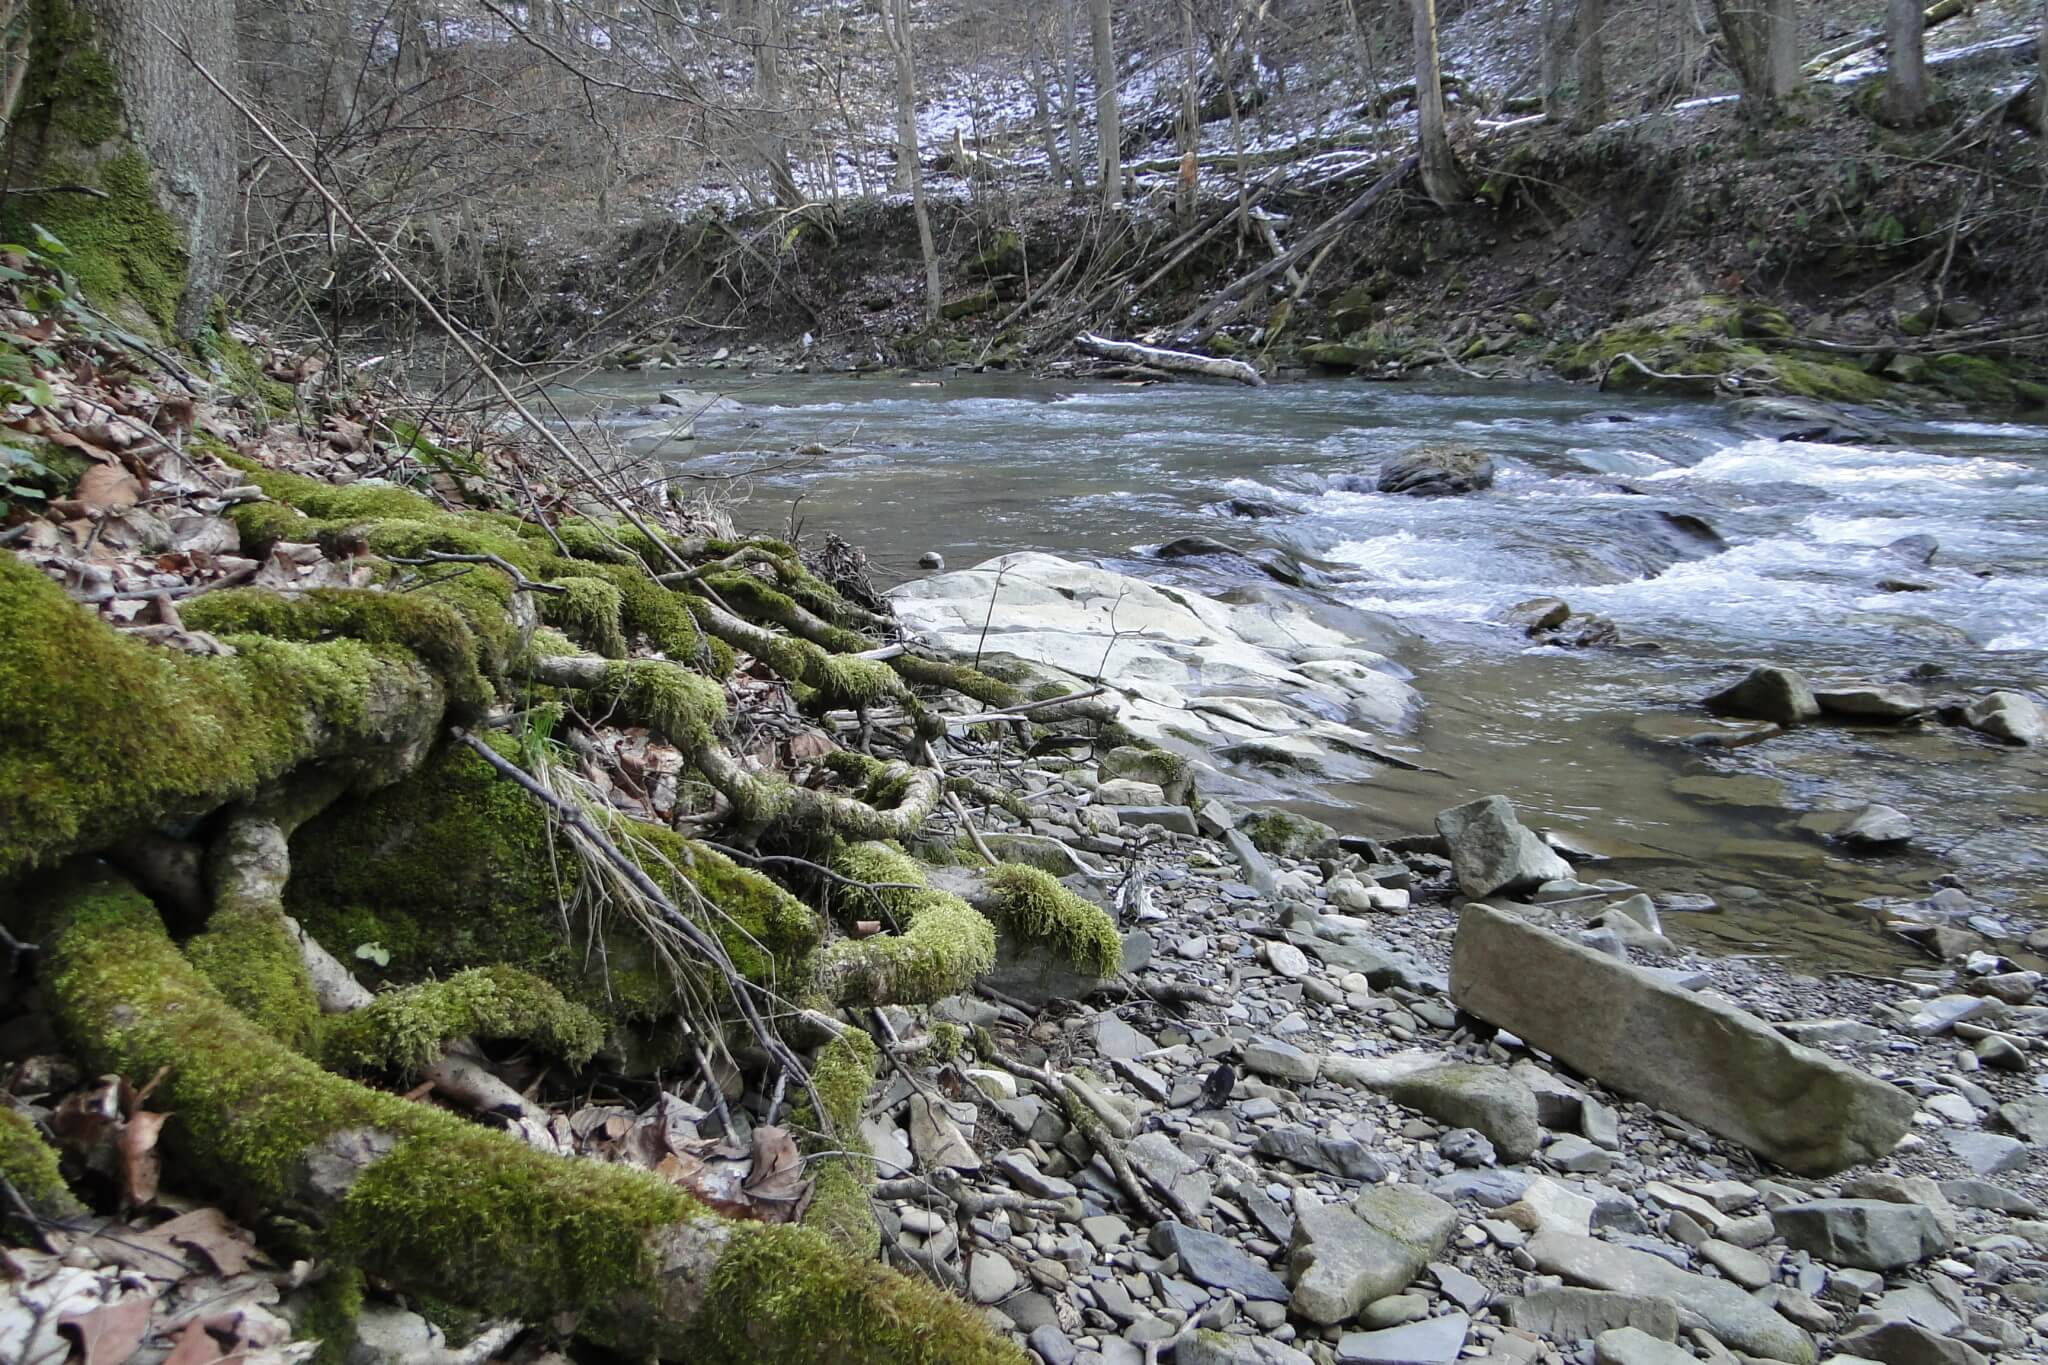 Przełom Jasiołki - w poszukiwaniu wiosny 8